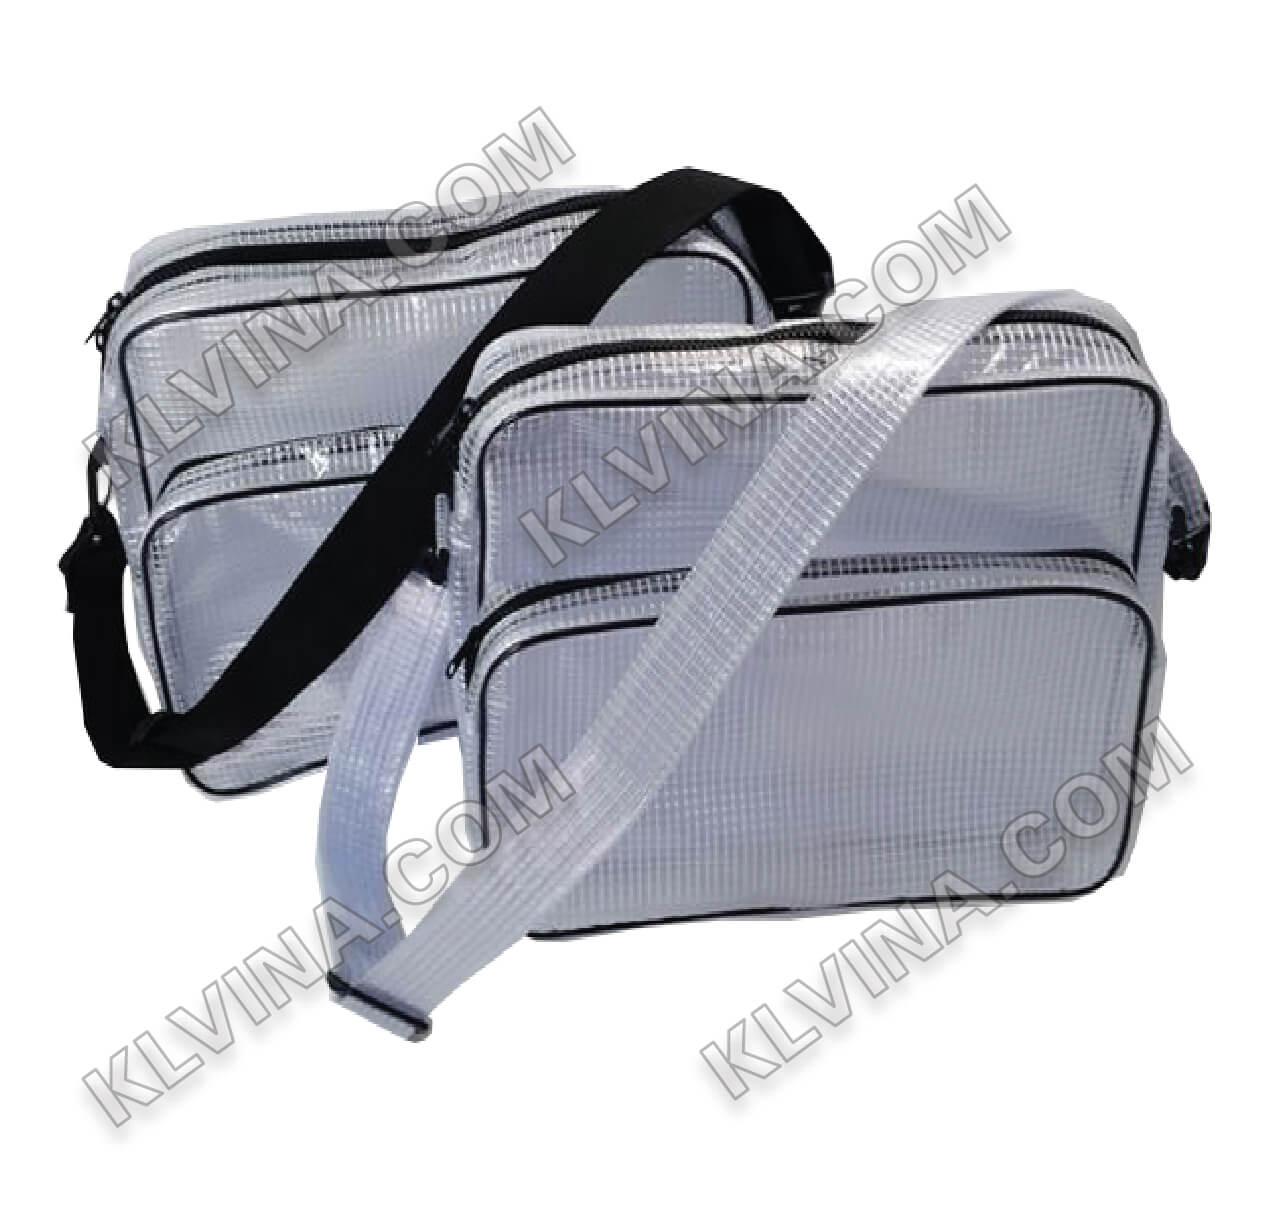 정전기 방지 가방 (백팩)